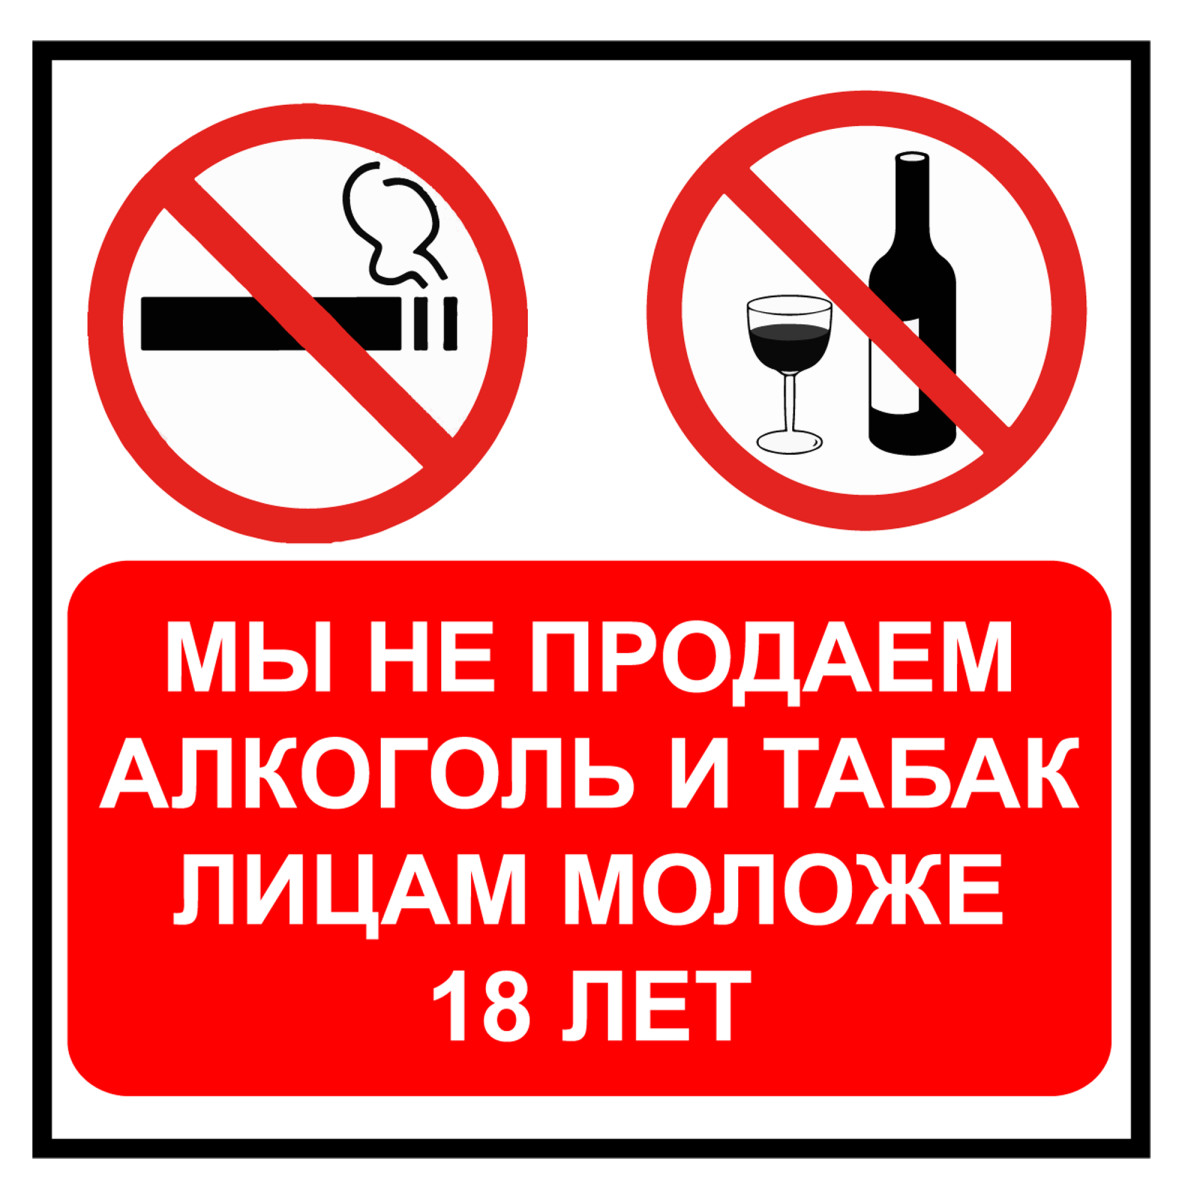 Наклейка Не продаем алкоголь 100х100 мм пластик